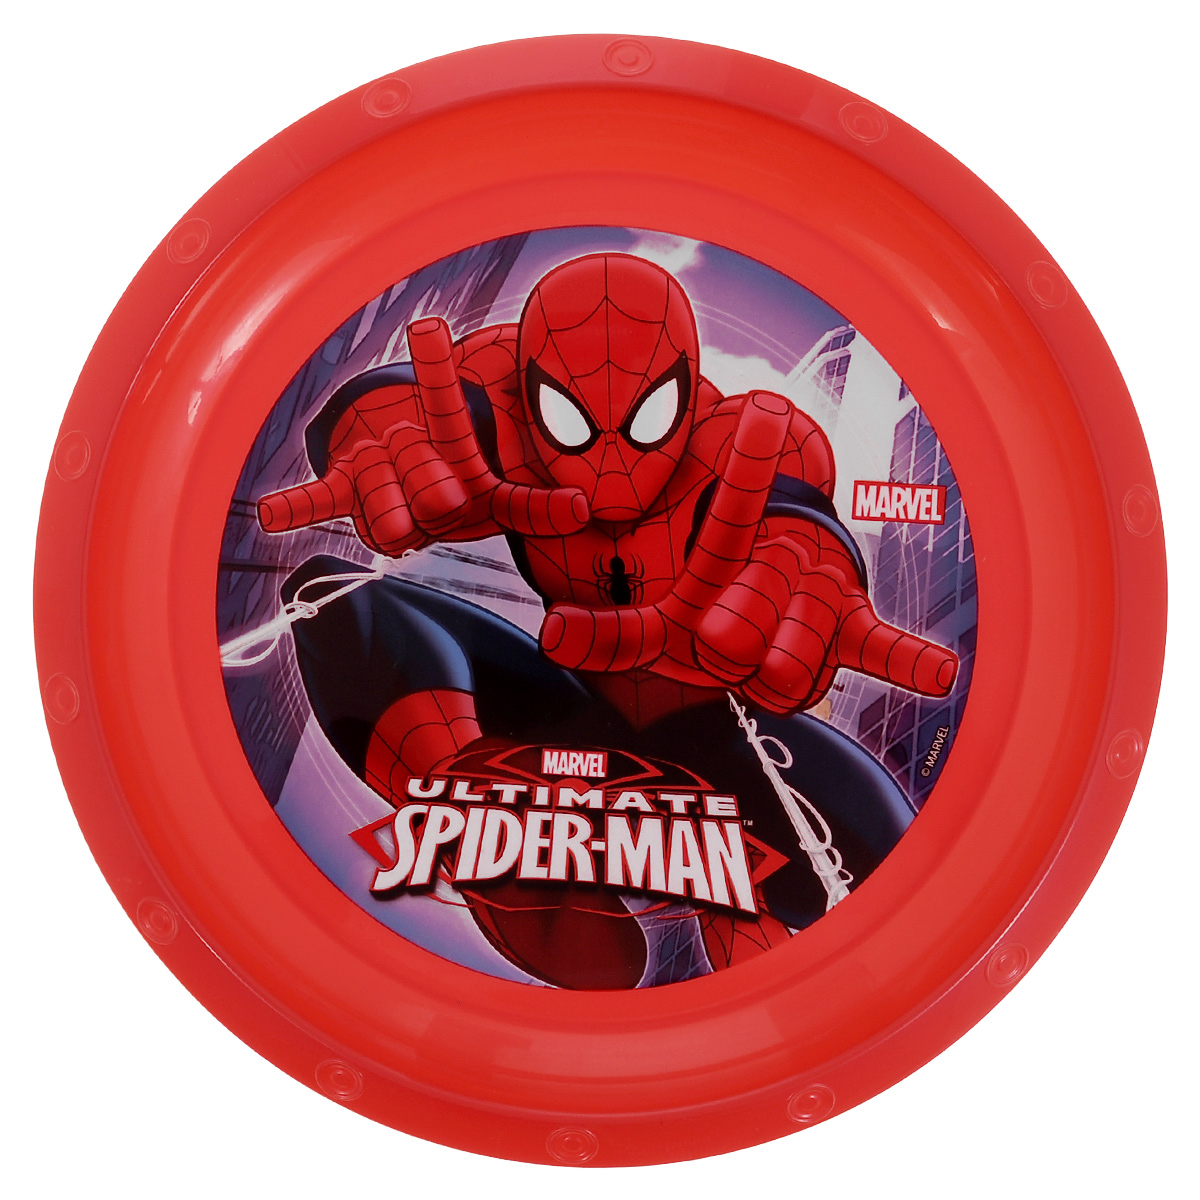 """Яркая тарелка Marvel """"Spider-Man"""", изготовленная из безопасного полипропилена красного цвета, непременно  понравится юному обладателю. Дно миски оформлено изображением супергероя - человека-паука из  одноименного мультсериала. Изделие очень функционально, пригодится на кухне для самых разнообразных нужд. Рекомендуется для детей от: 3 лет."""